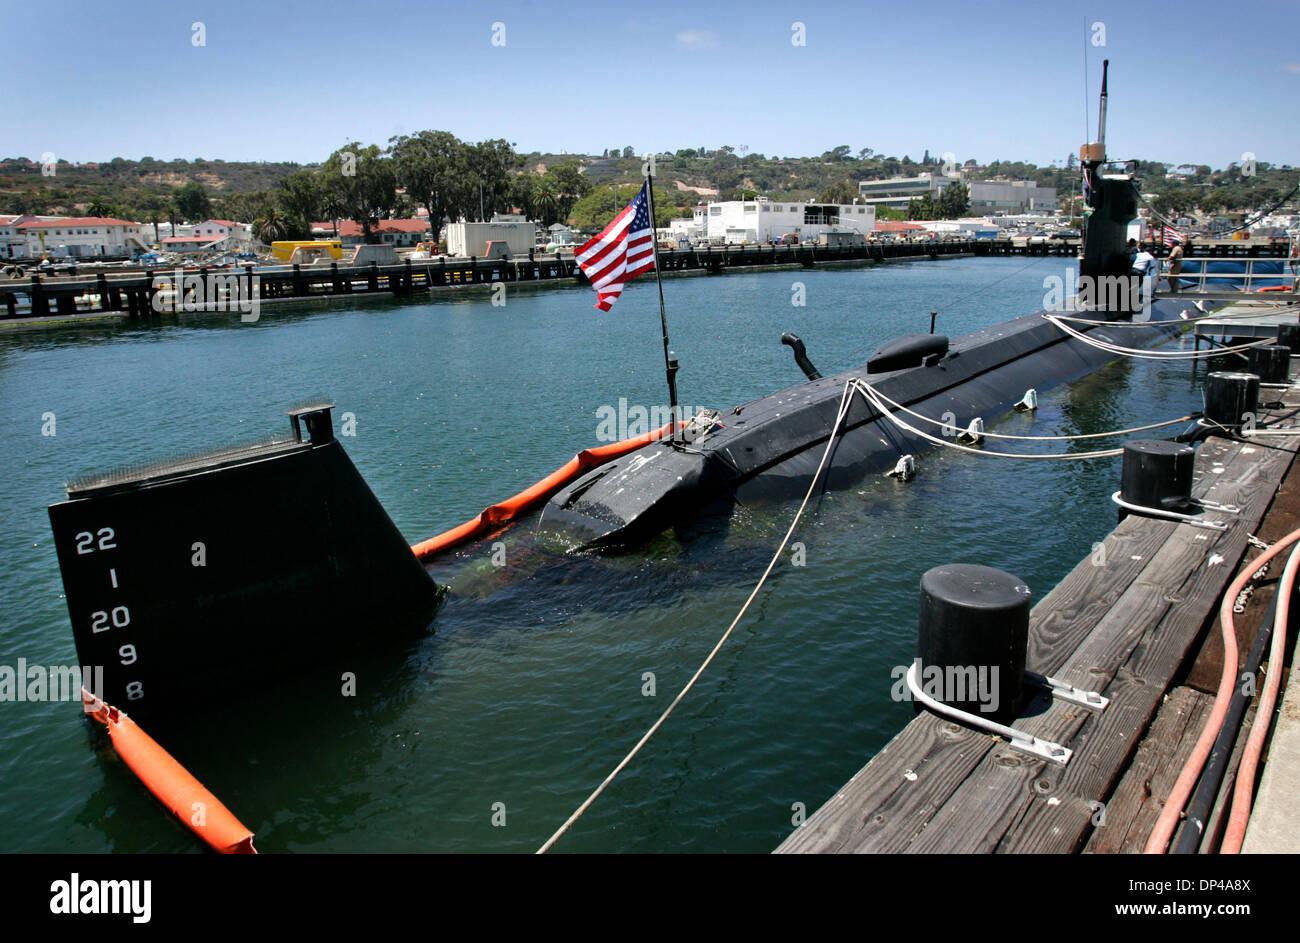 Agosto 02, 2006; San Diego, CA, EE.UU.; el USS Dolphin, la Marina de EE.UU. las últimas llamadas submarino Diesel Eléctrico de la Base Naval de Point Loma home y está programado para ser retirado a finales de este año. El sub completó recientemente un $50 millones la reparación y actualización. Crédito: Foto obligatoria por Howard Lipin/SDU-T/ZUMA Press. (©) Copyright 2006 por SDU-T Imagen De Stock